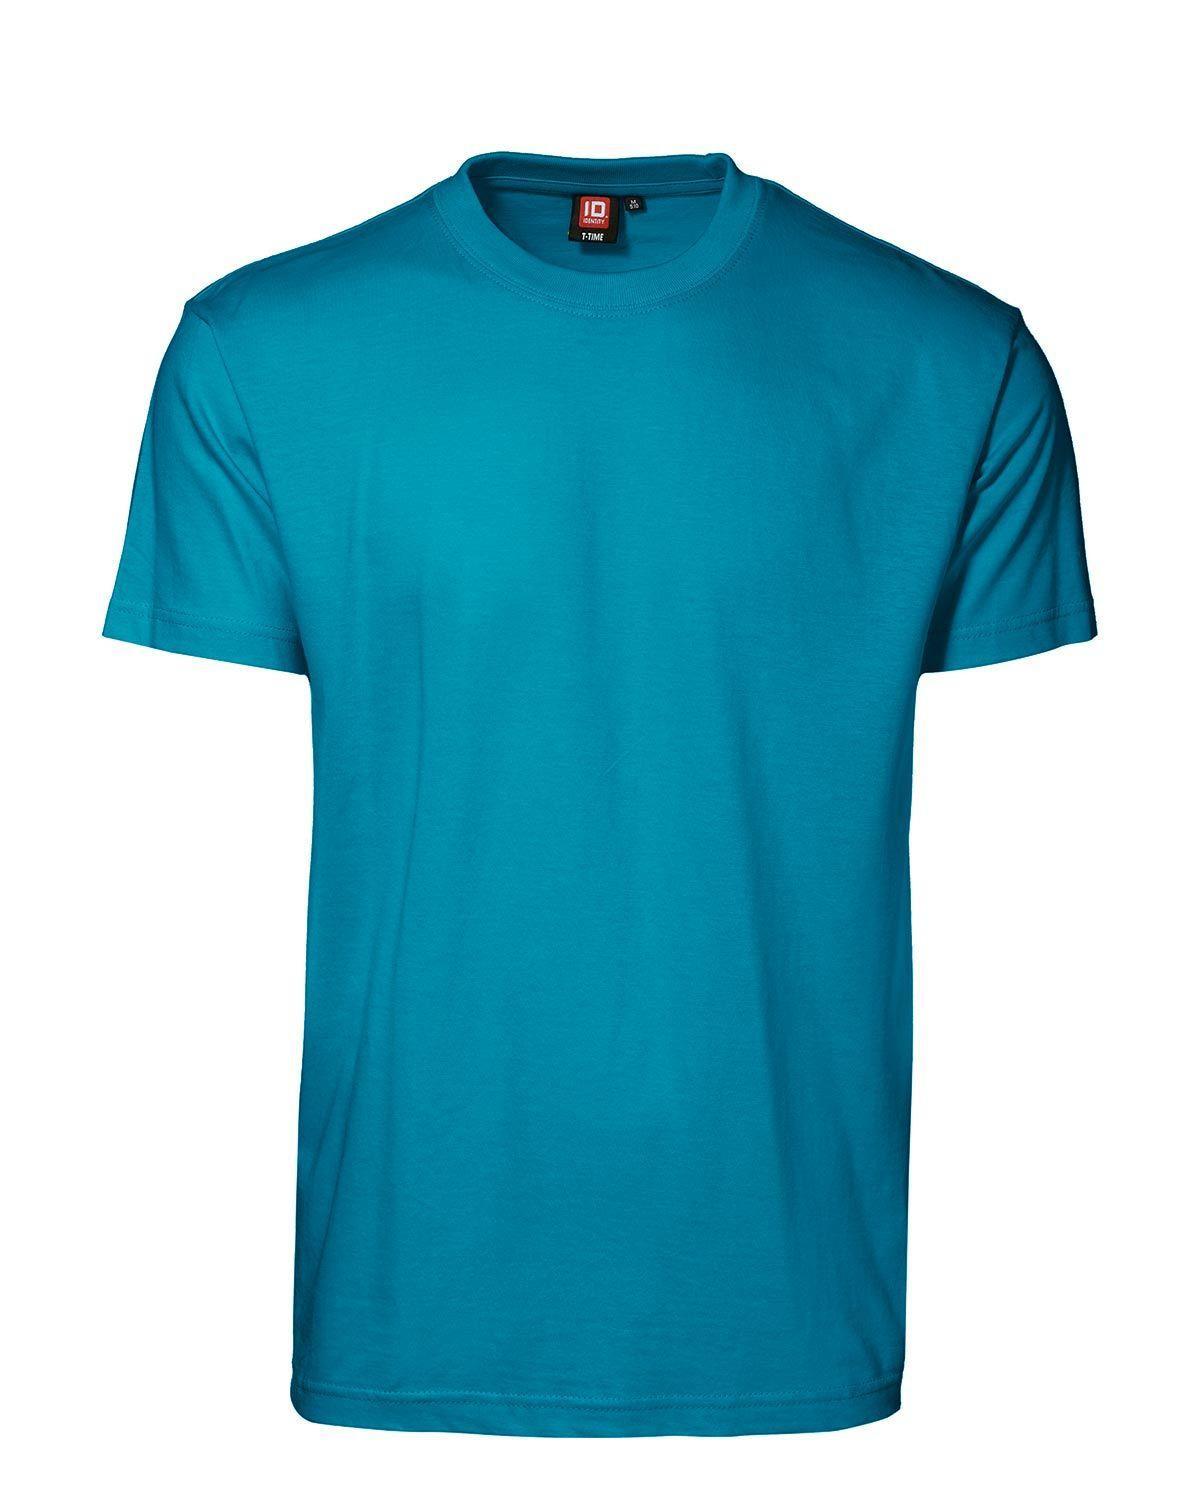 ID T-Time T-shirt, rund hals (Turkis, XL)